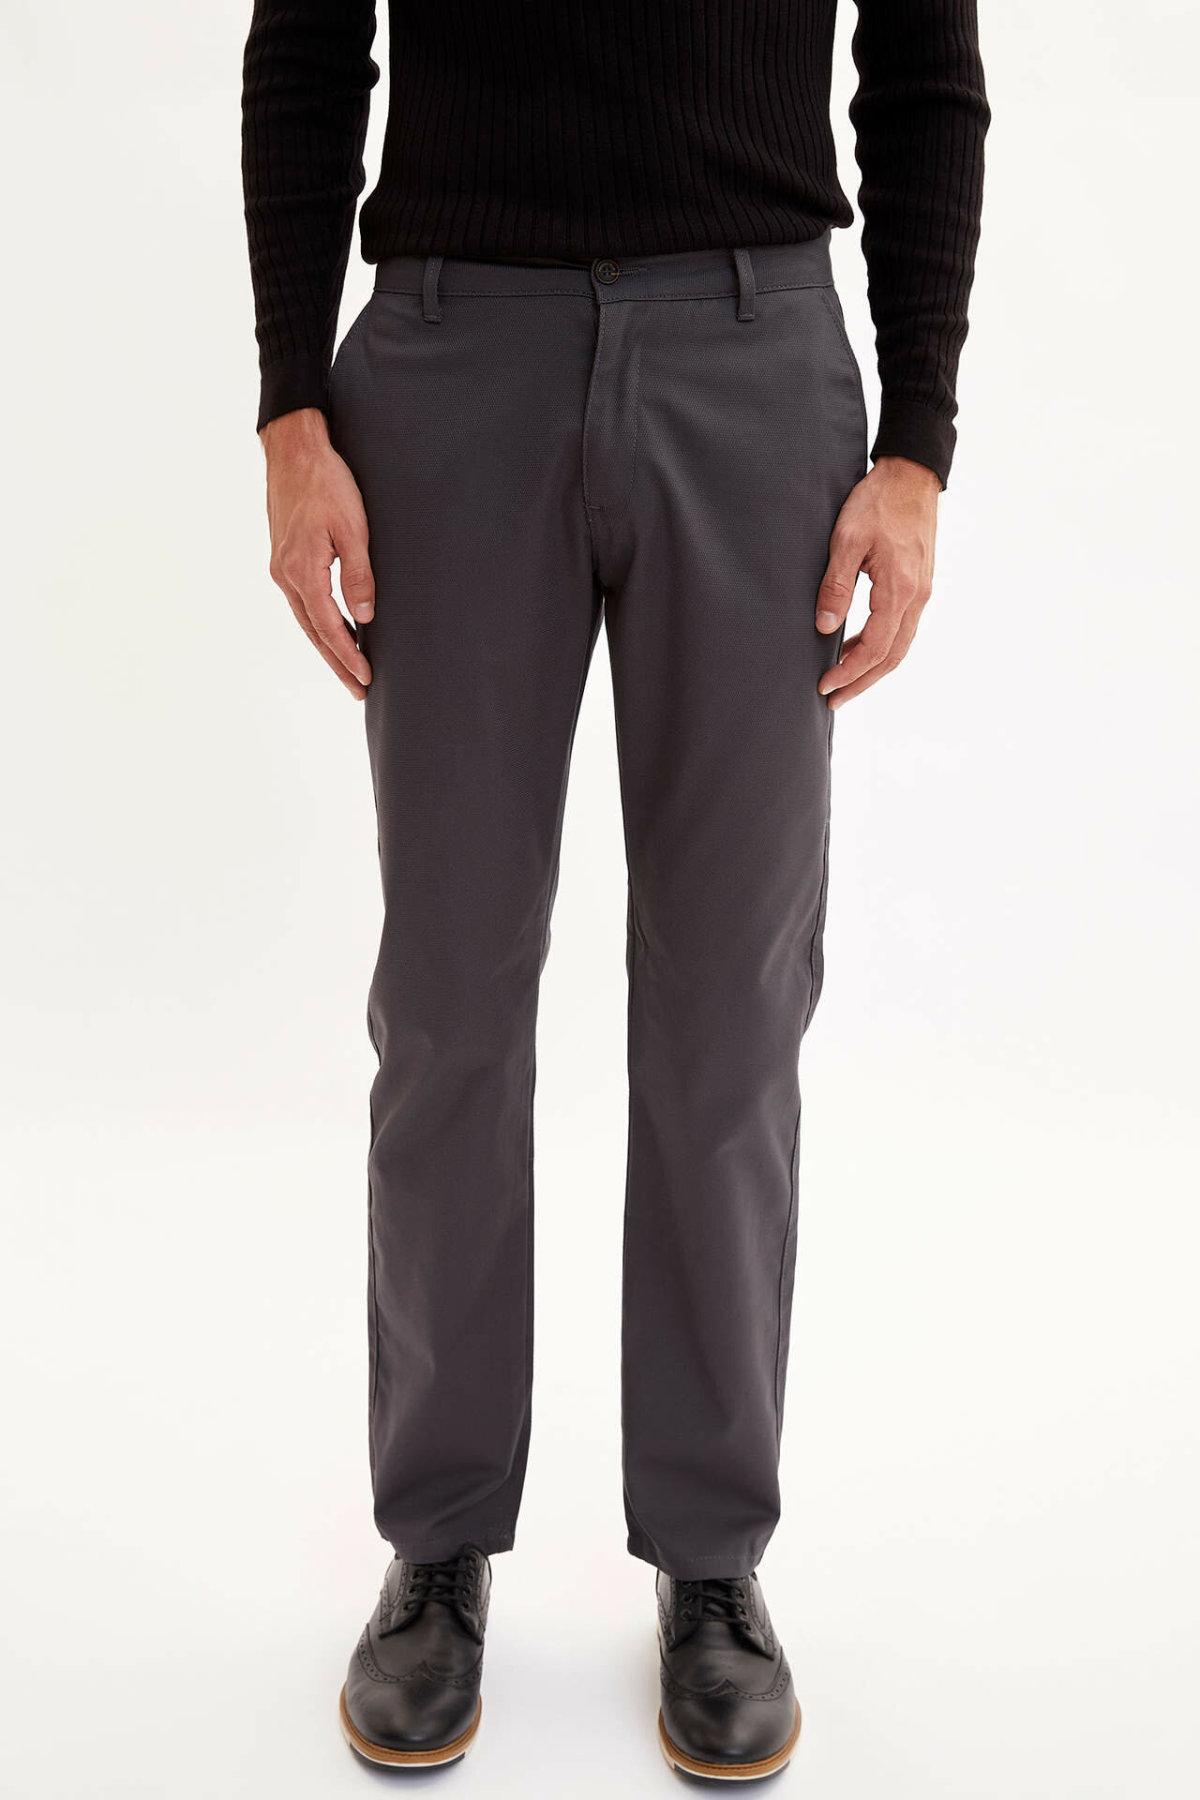 DeFacto Man Spring Casual Pants Men Mid-waist Solid Color Long Pants Male Grey Khaki Bottoms Trousers-L5514AZ19AU